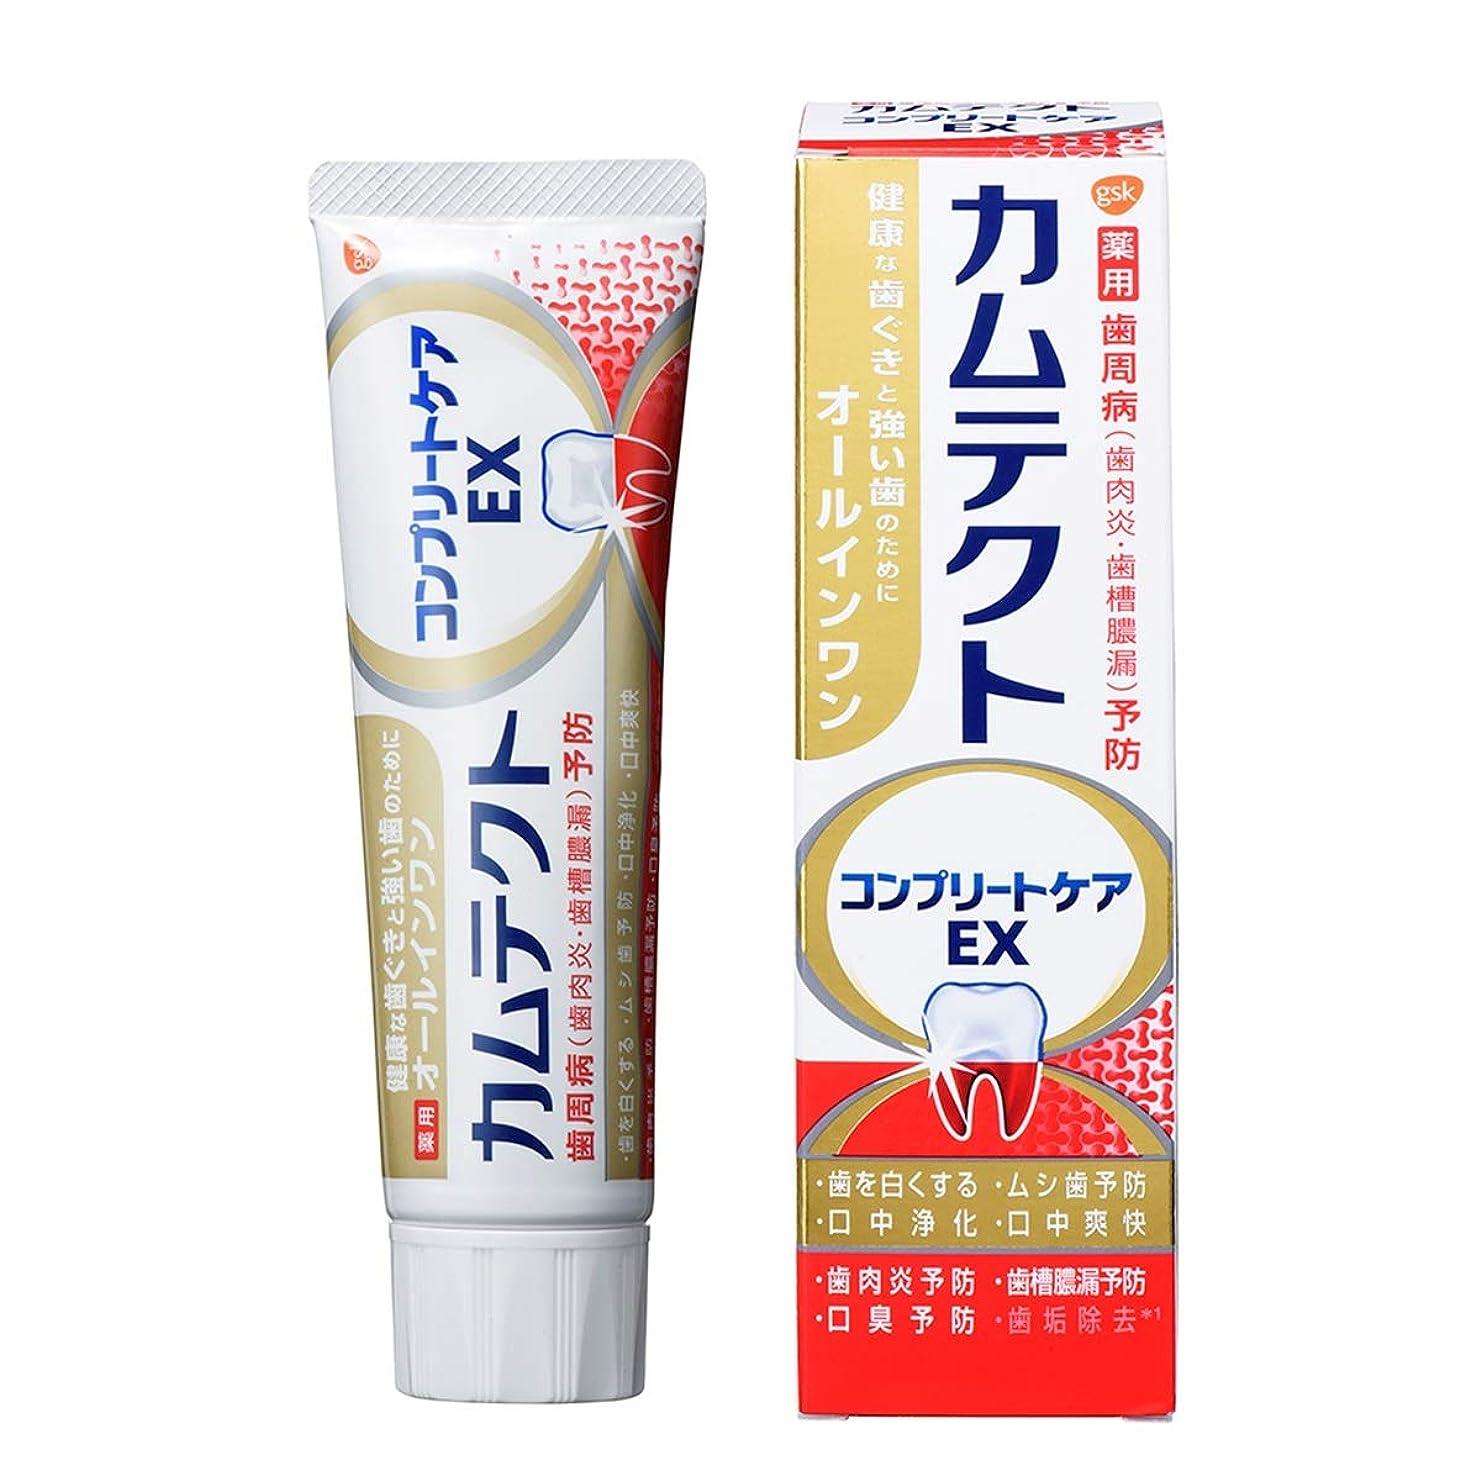 成熟した準備ができてパパカムテクト コンプリートケアEX 歯周病(歯肉炎?歯槽膿漏) 予防 歯磨き粉 105g